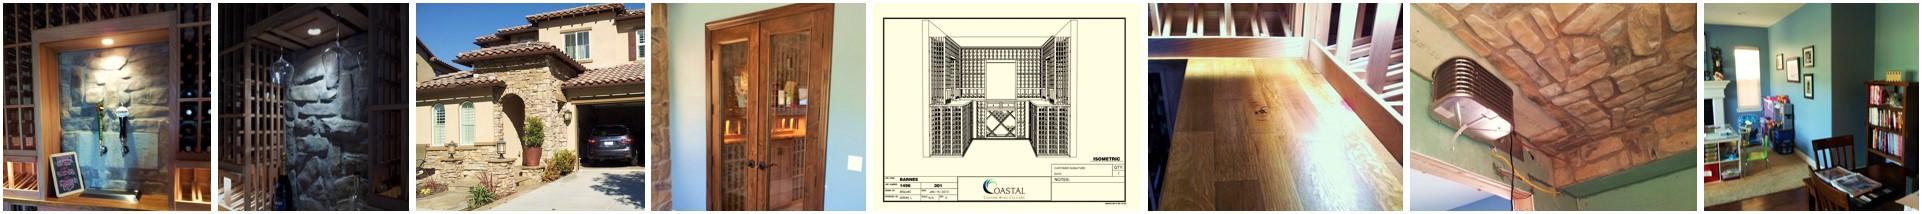 Wine Cellar Orange County California – The Design Project